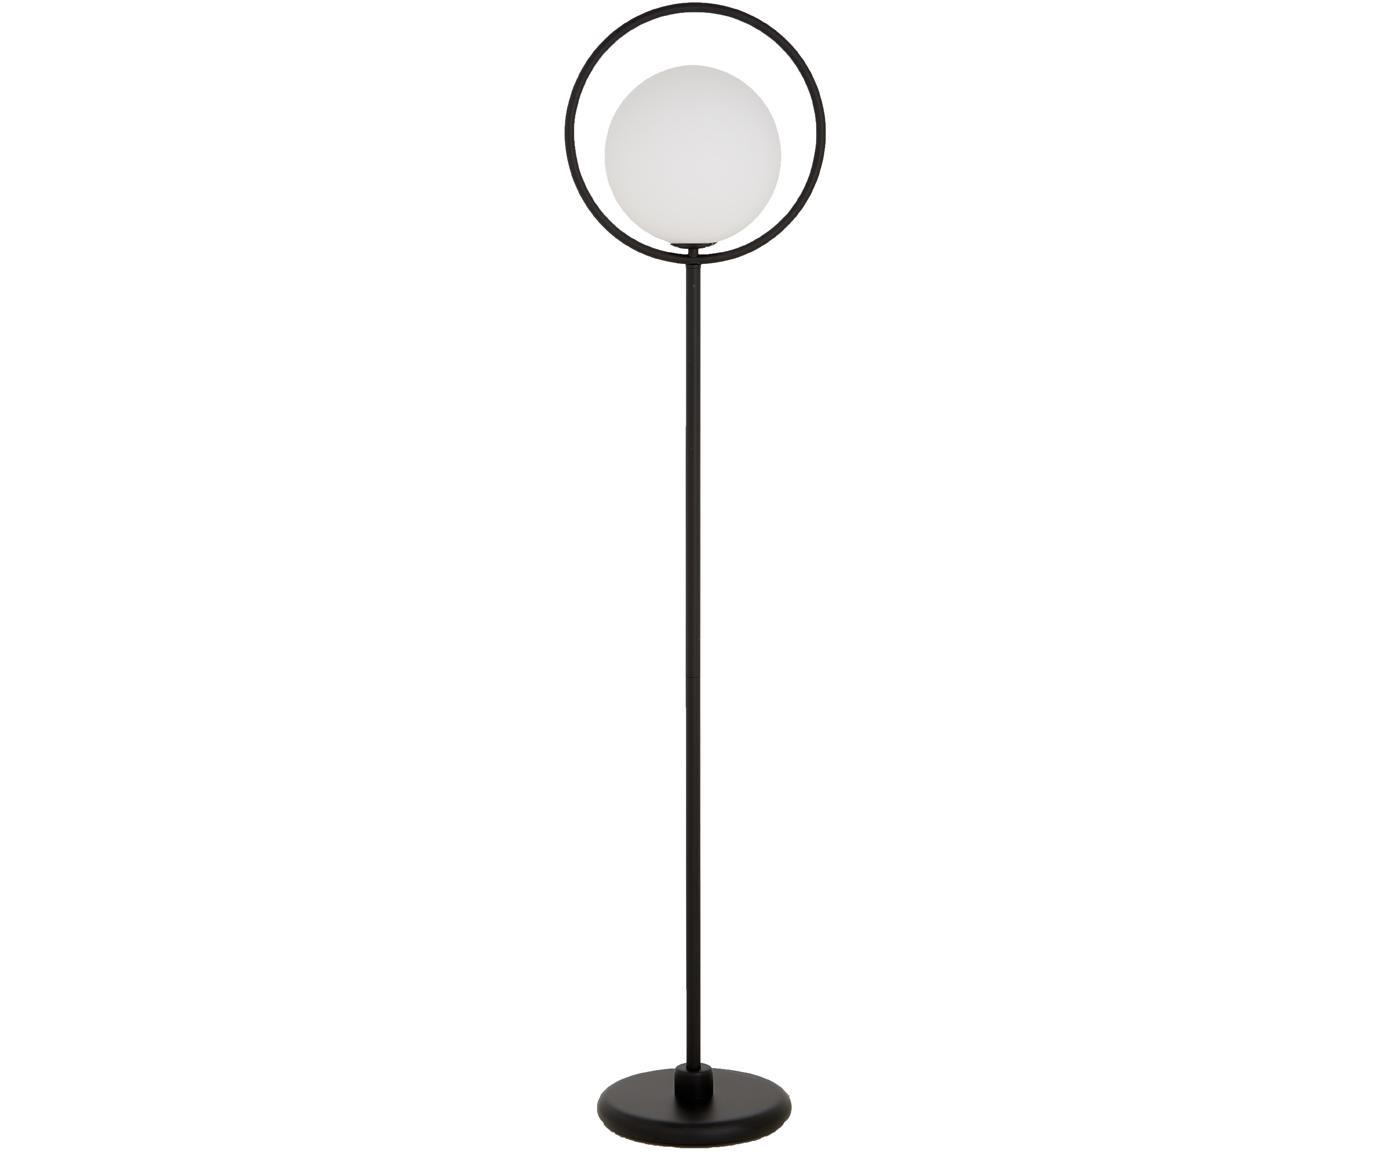 Lampa podłogowa Saint, Biały, opalowy, czarny, S 30 x W 140 cm